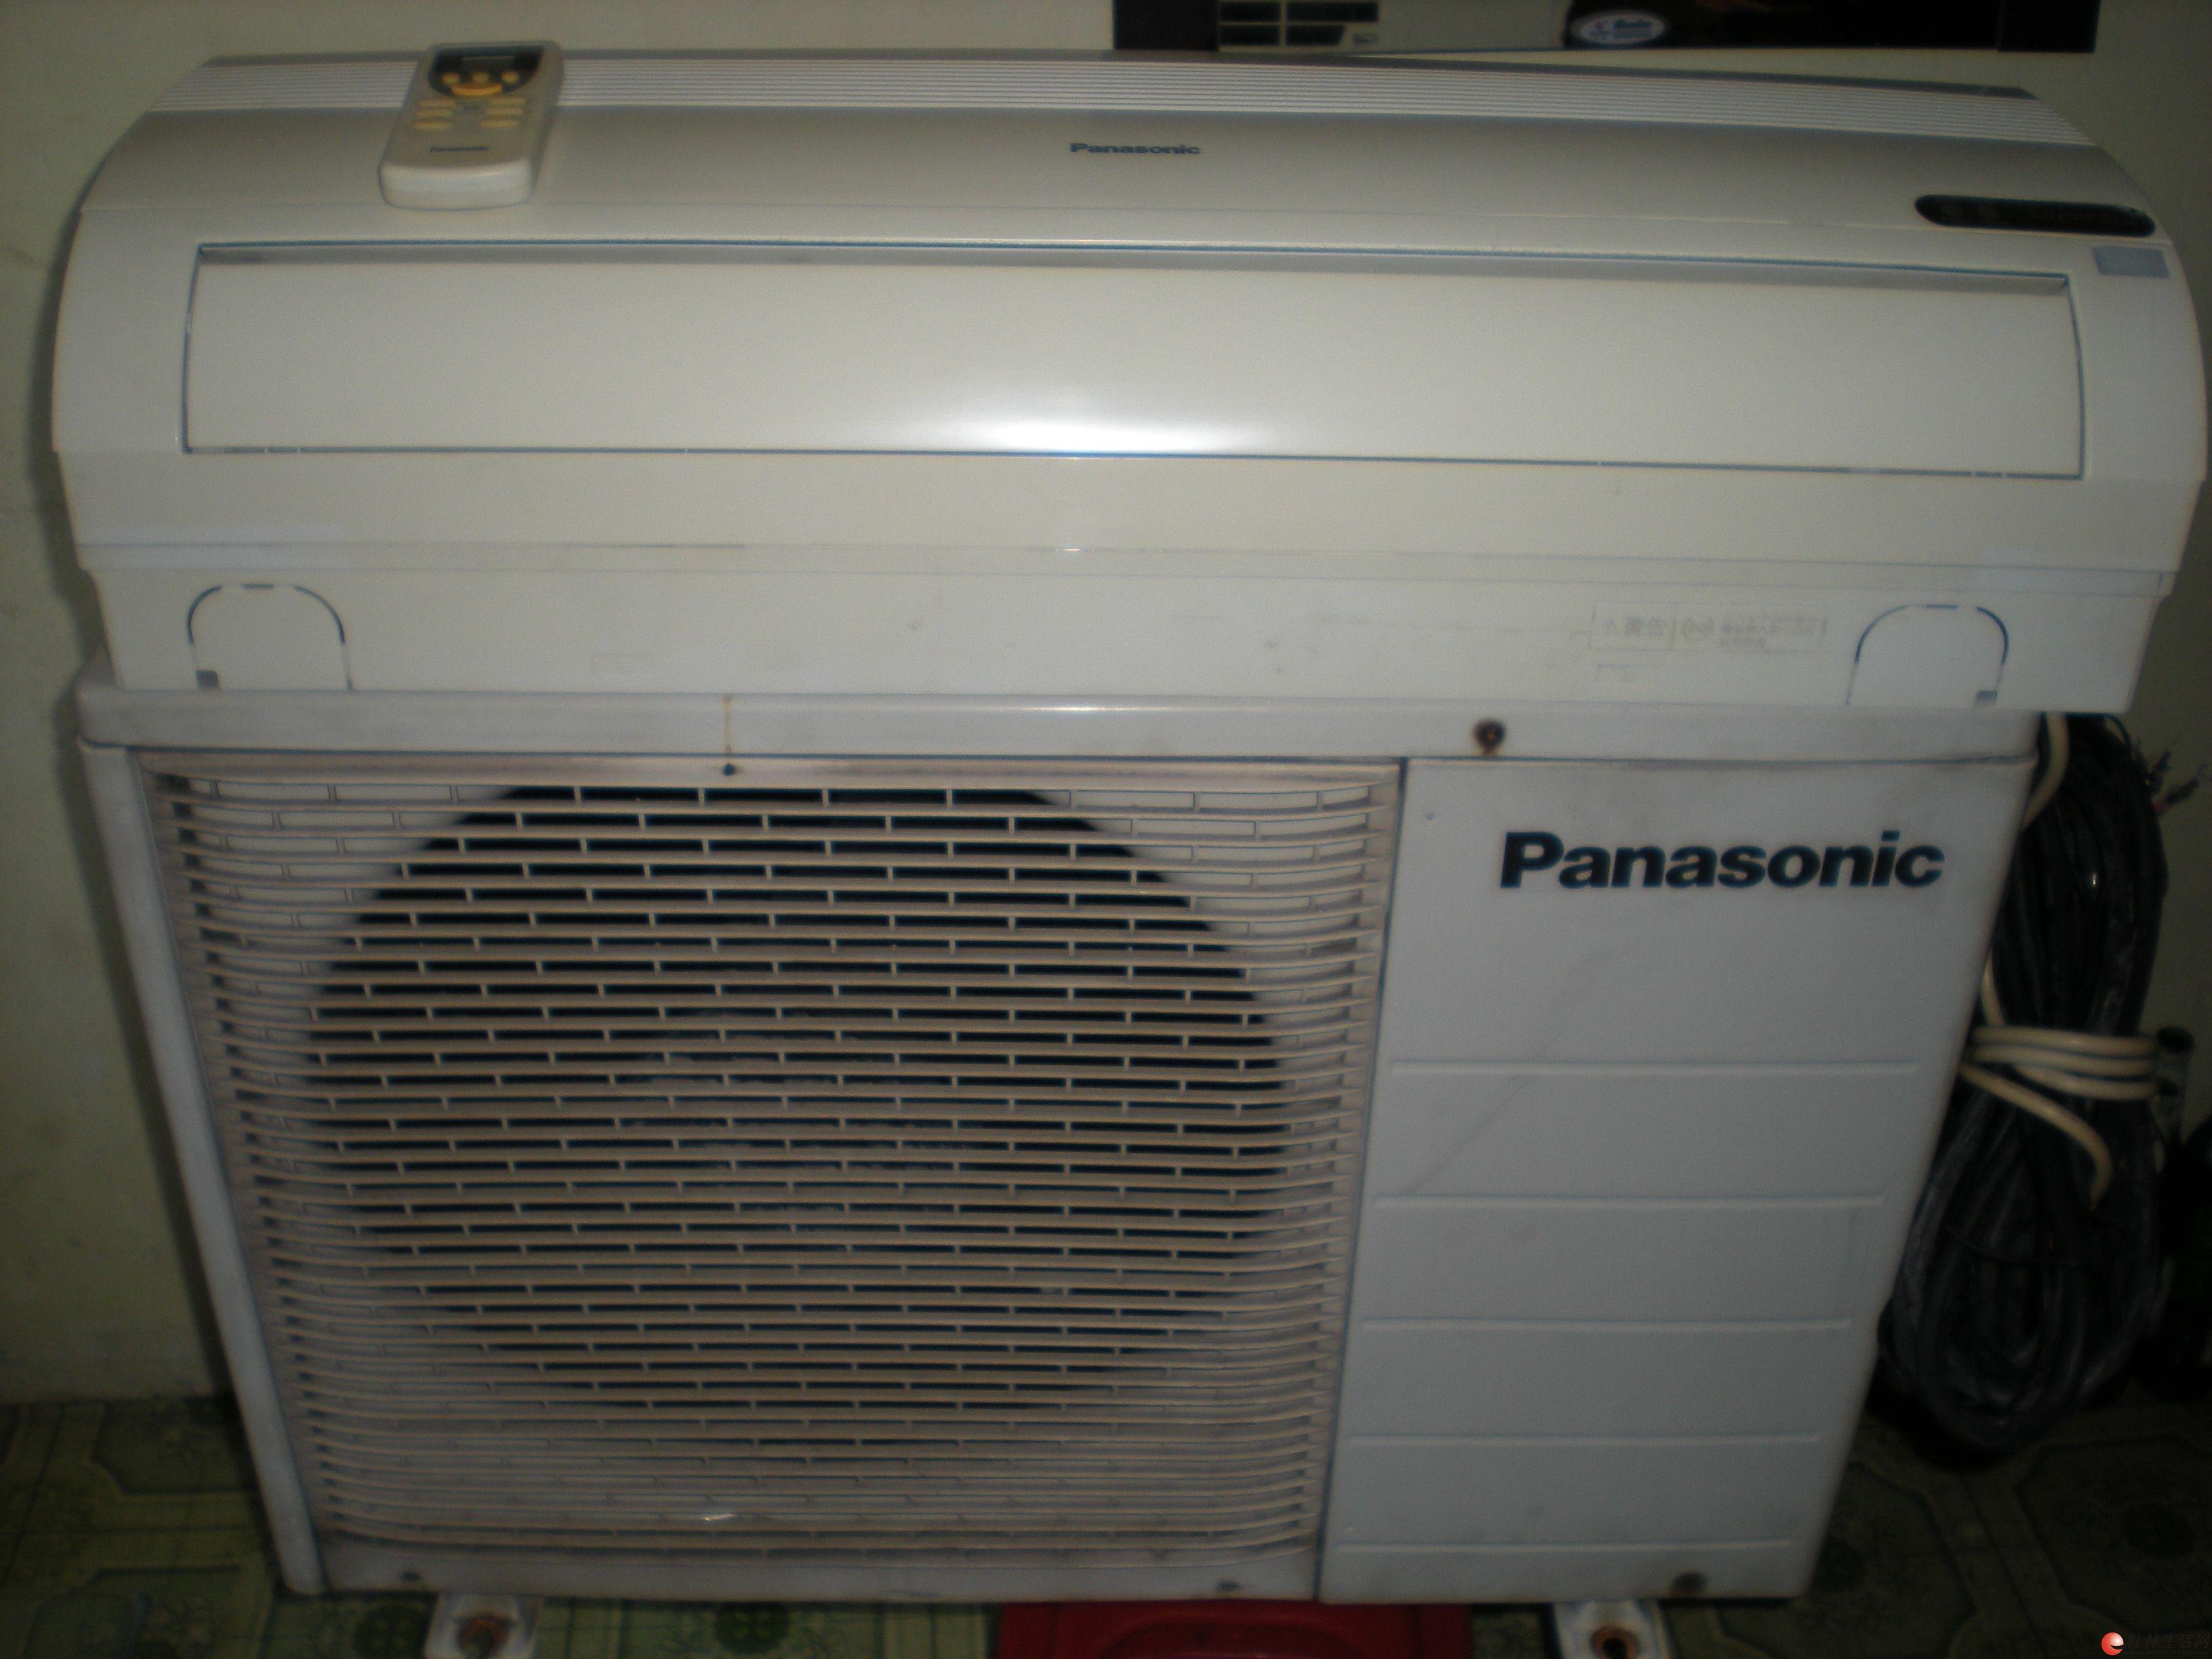 松下大1.5匹(kfr -36g)冷暖壁挂式空调